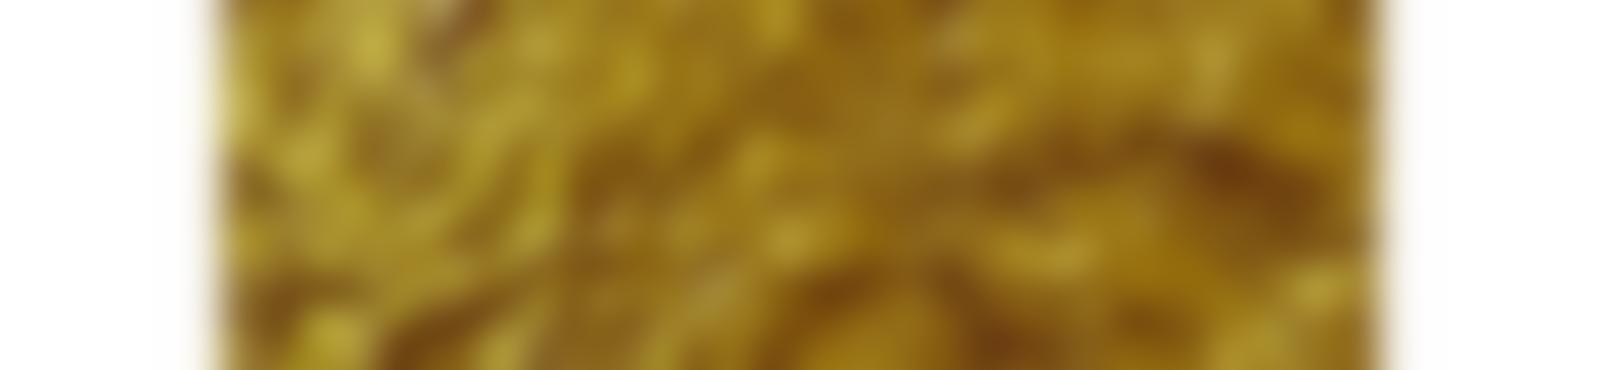 Blurred e13b75a9 f381 47f8 b09d 8ffb52a3f8cd